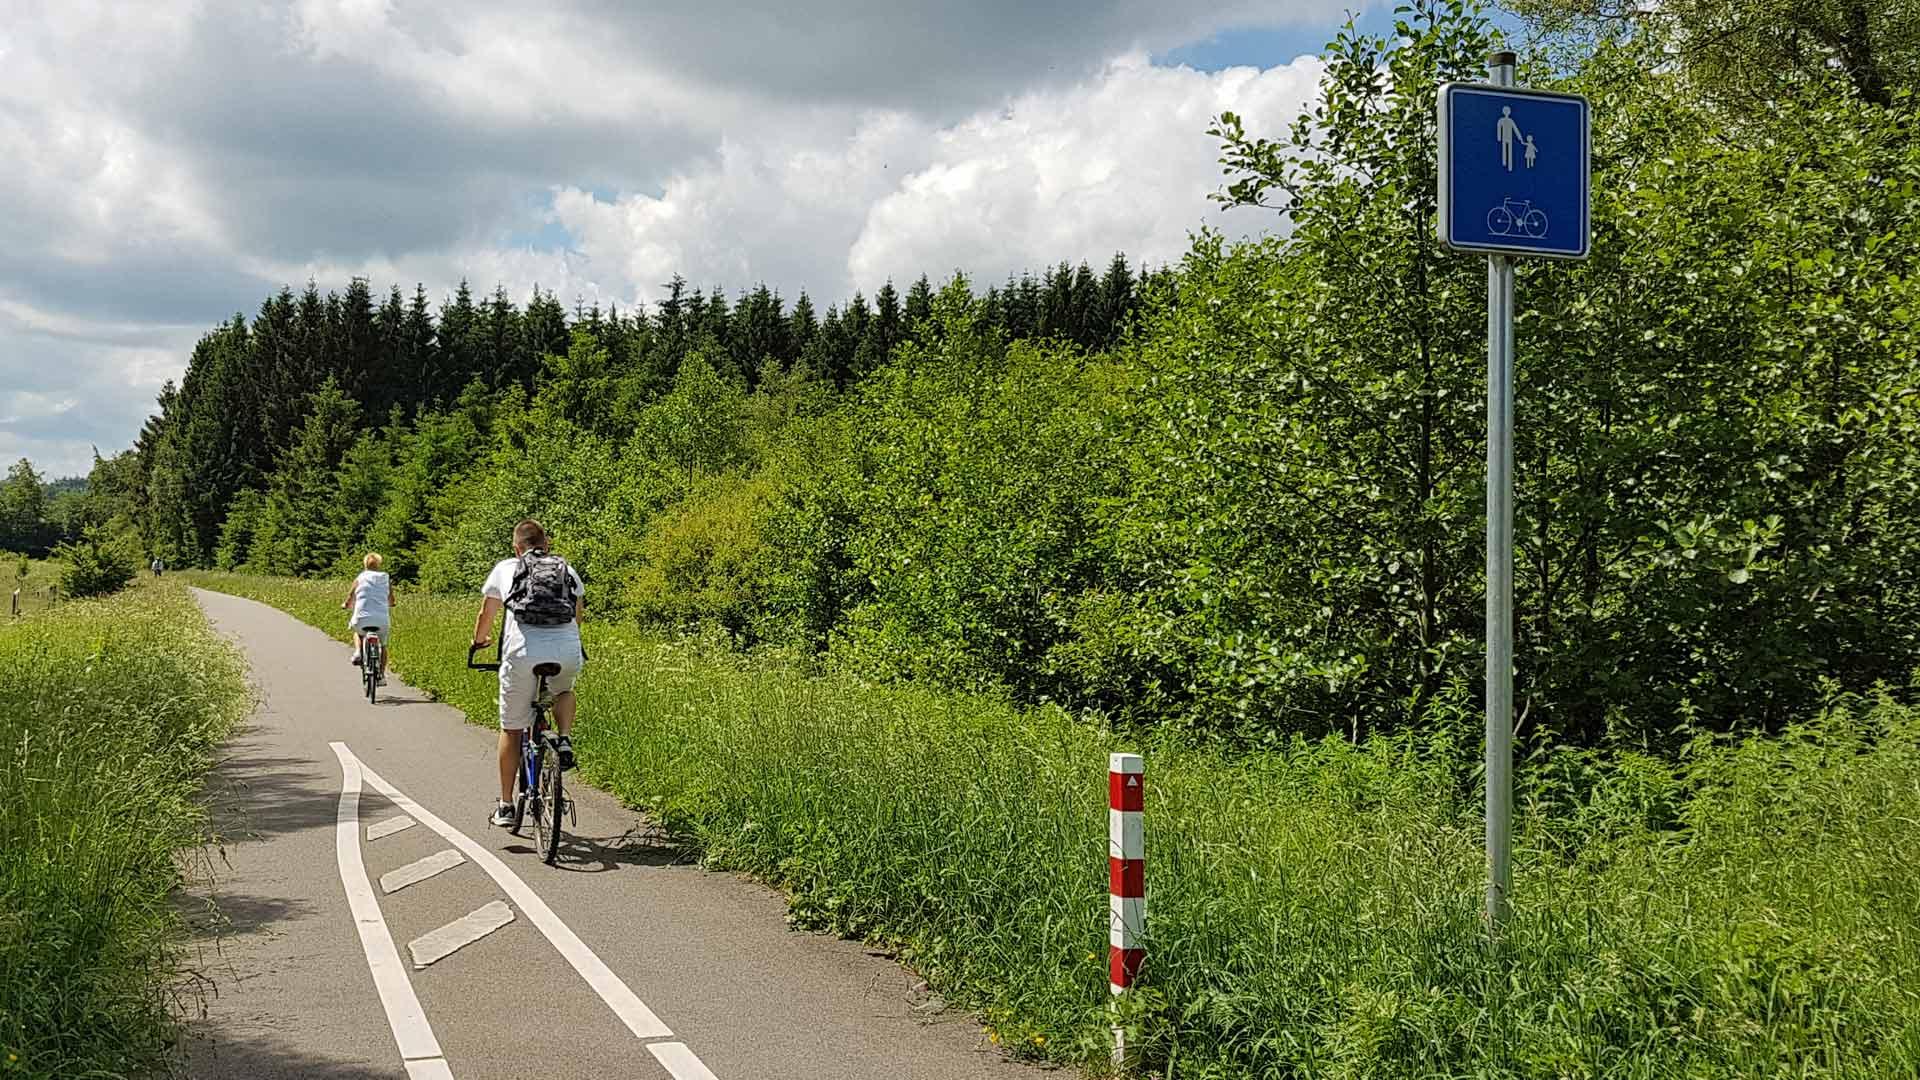 De Vennbahn dankt haar populariteit aan de geringe stijgingspercentages.